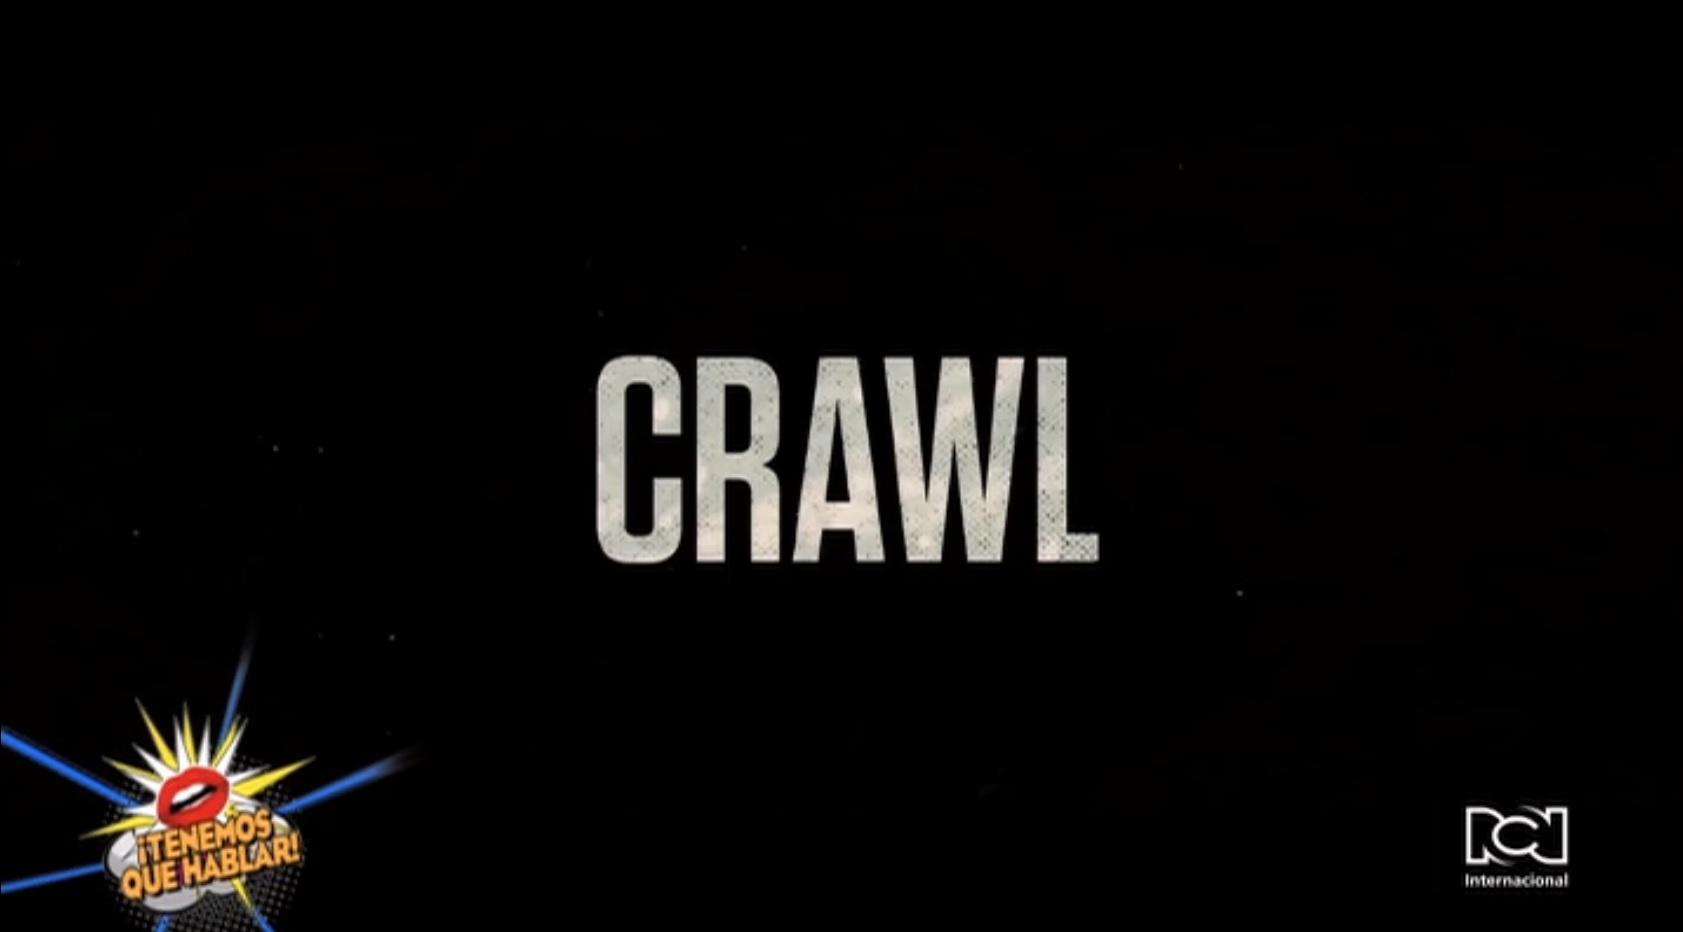 Formatos caseros de 'Crawl' estarán disponibles desde este 15 de octubre